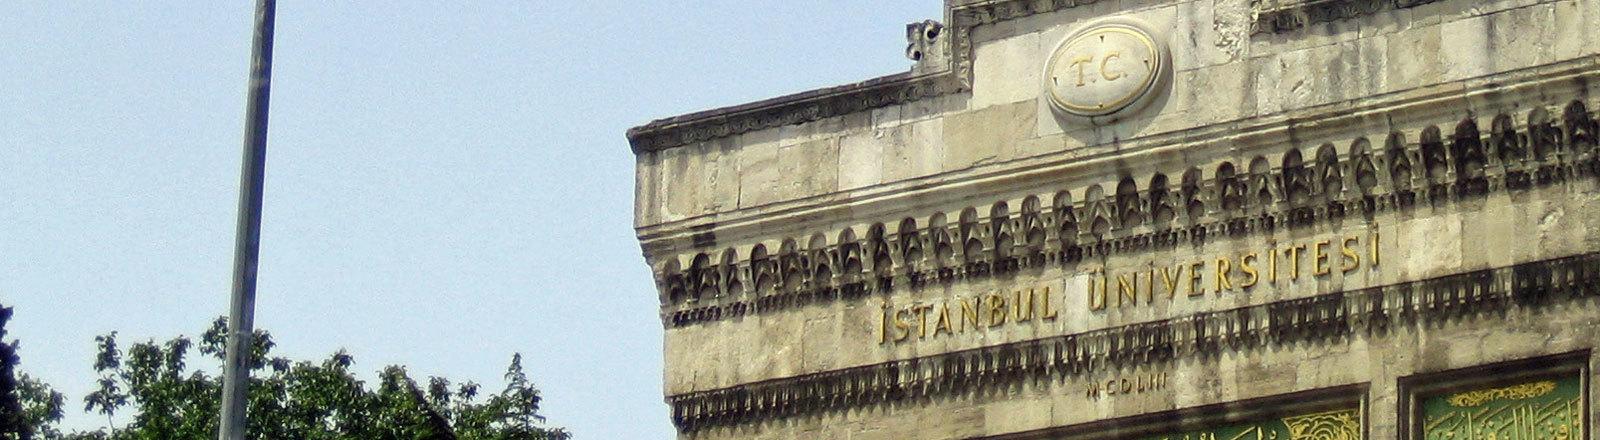 Istanbuler Universität